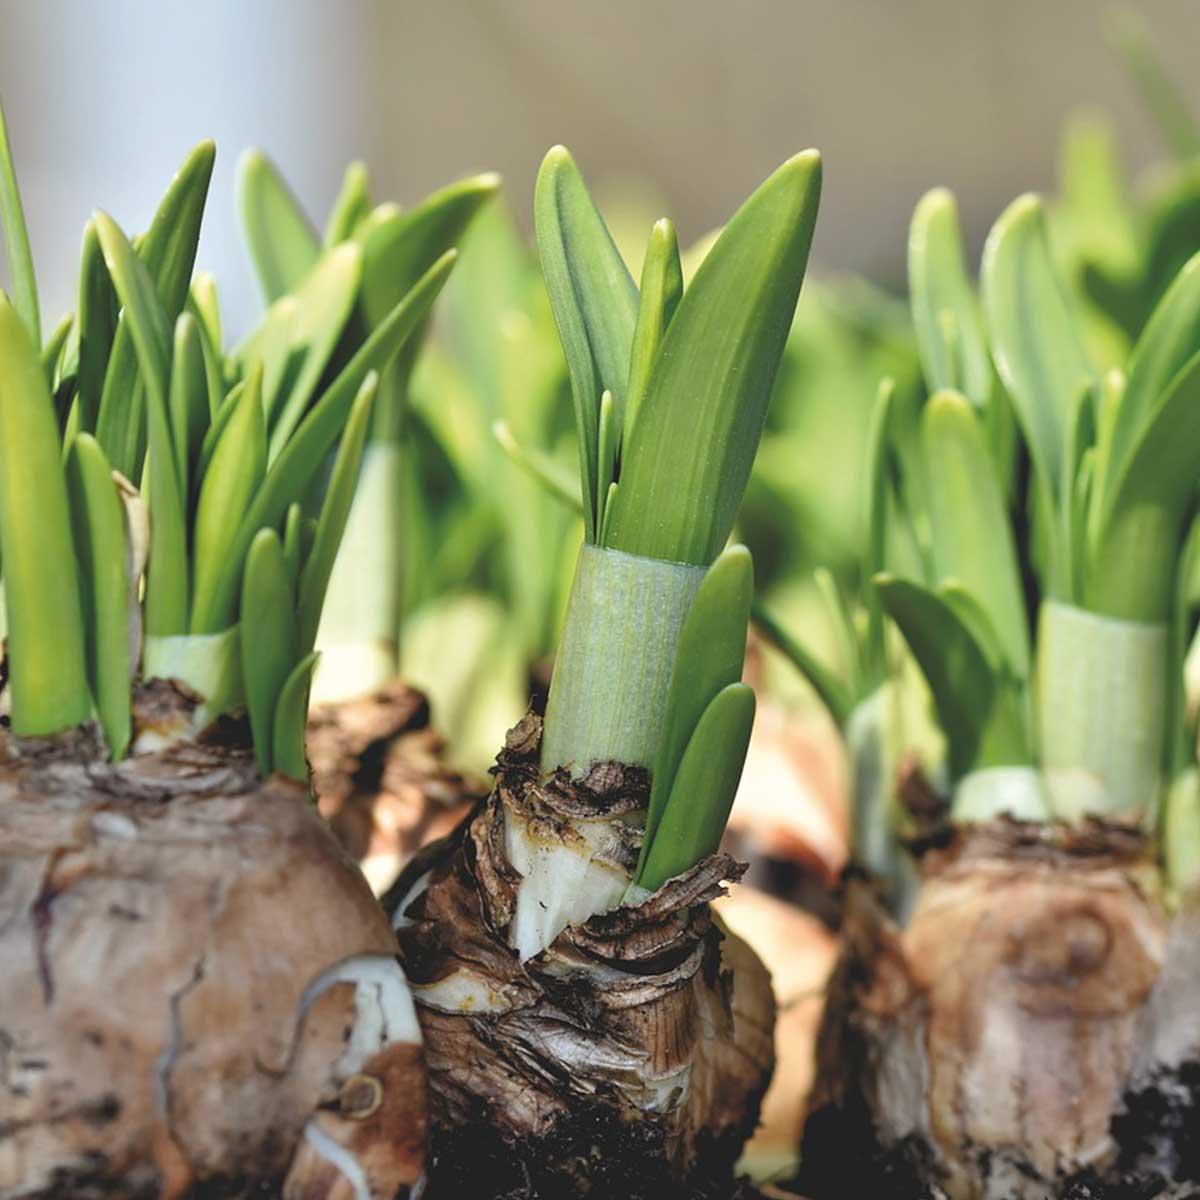 Jardín en temporada de otoño: 10 tareas claves para su cuidado - Siembra de bulbos